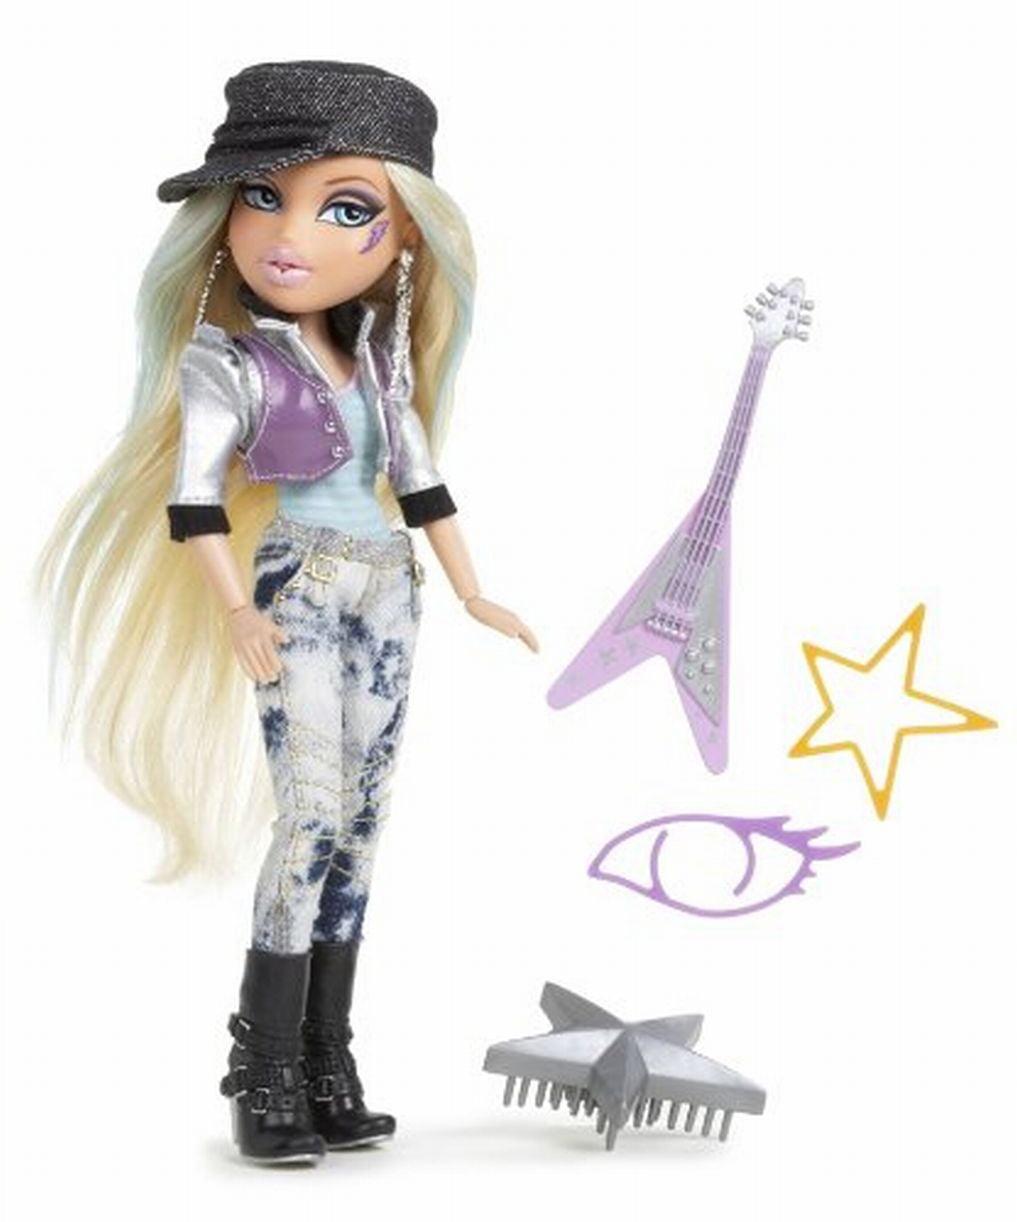 Bratz Rock Doll Cloe by MGA Entertainment